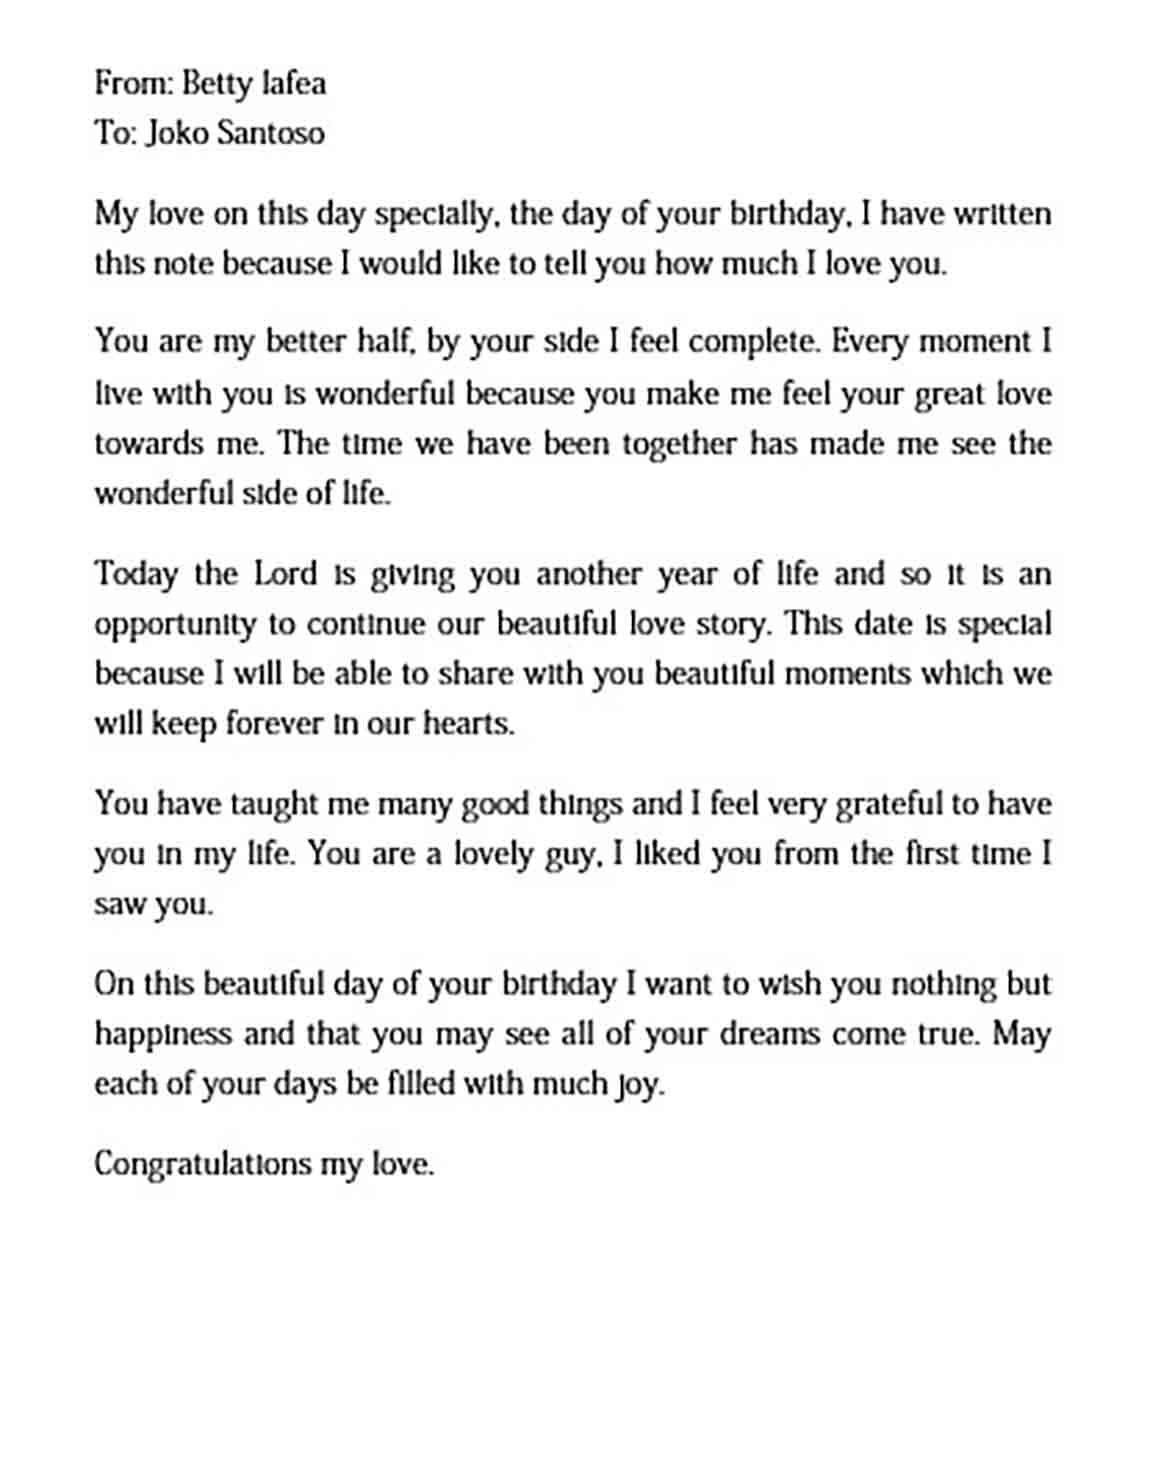 Birthday Love Letter To Boyfriend Templates Letters To Boyfriend Love Letter For Boyfriend Love Letters To Your Boyfriend